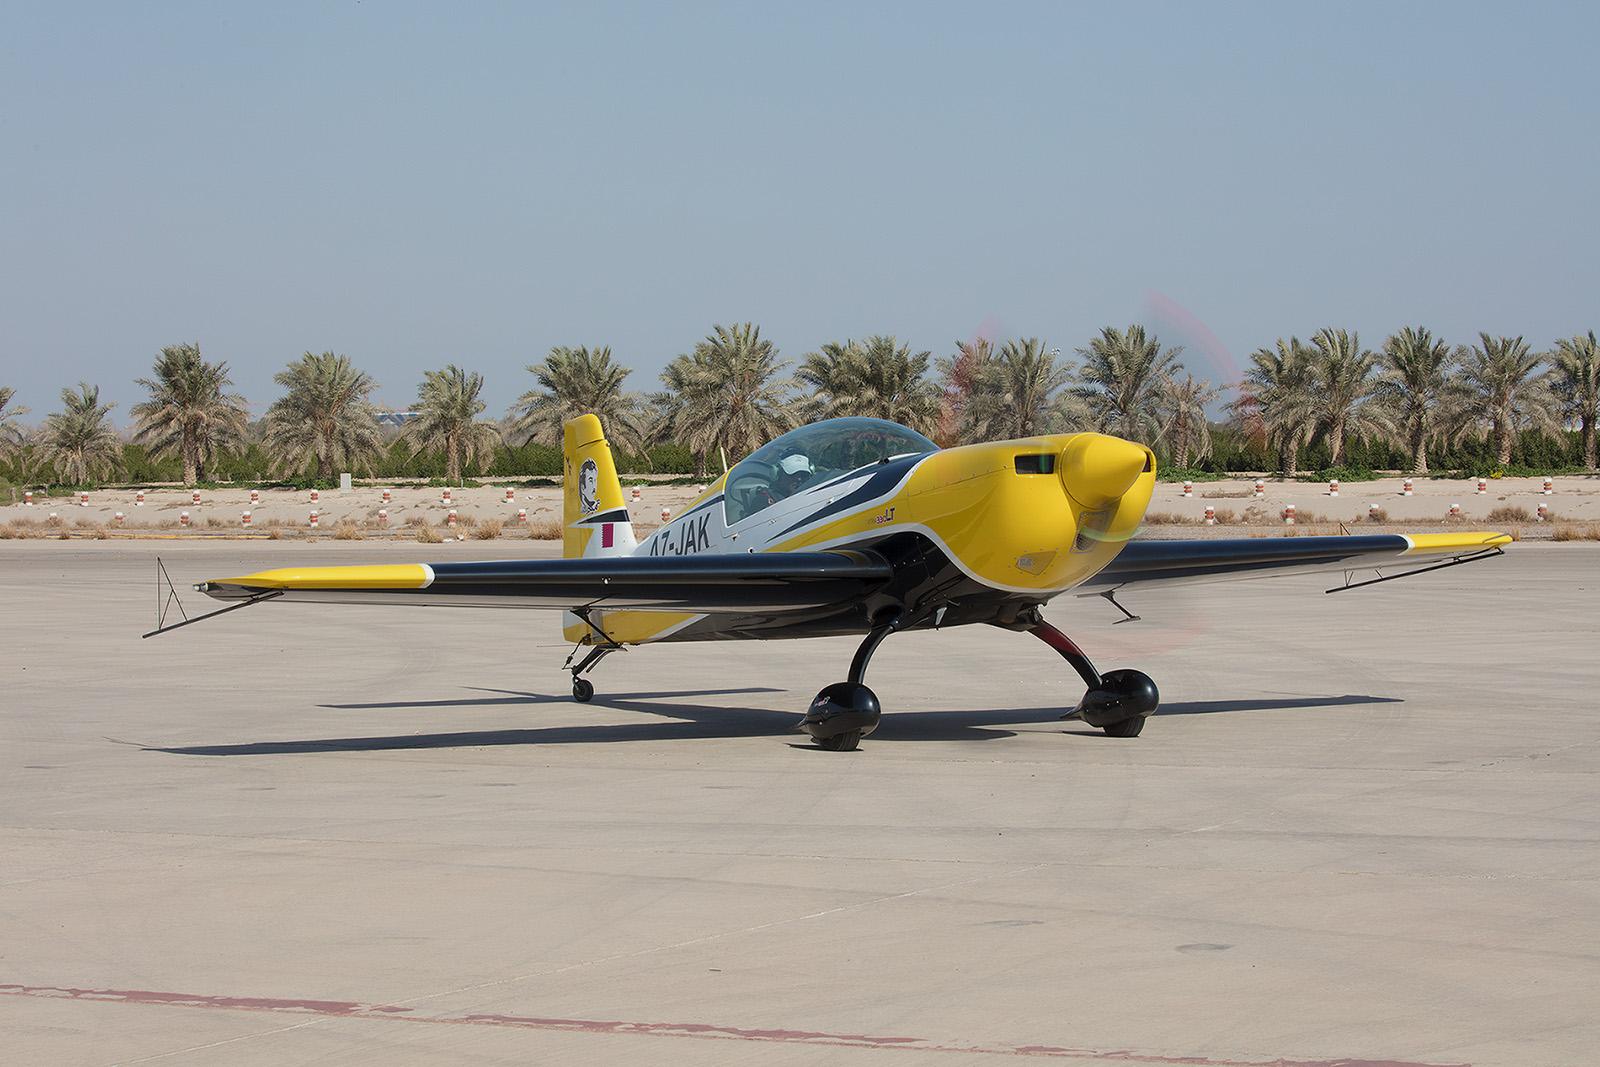 Eine Extra 300 aus Katar.